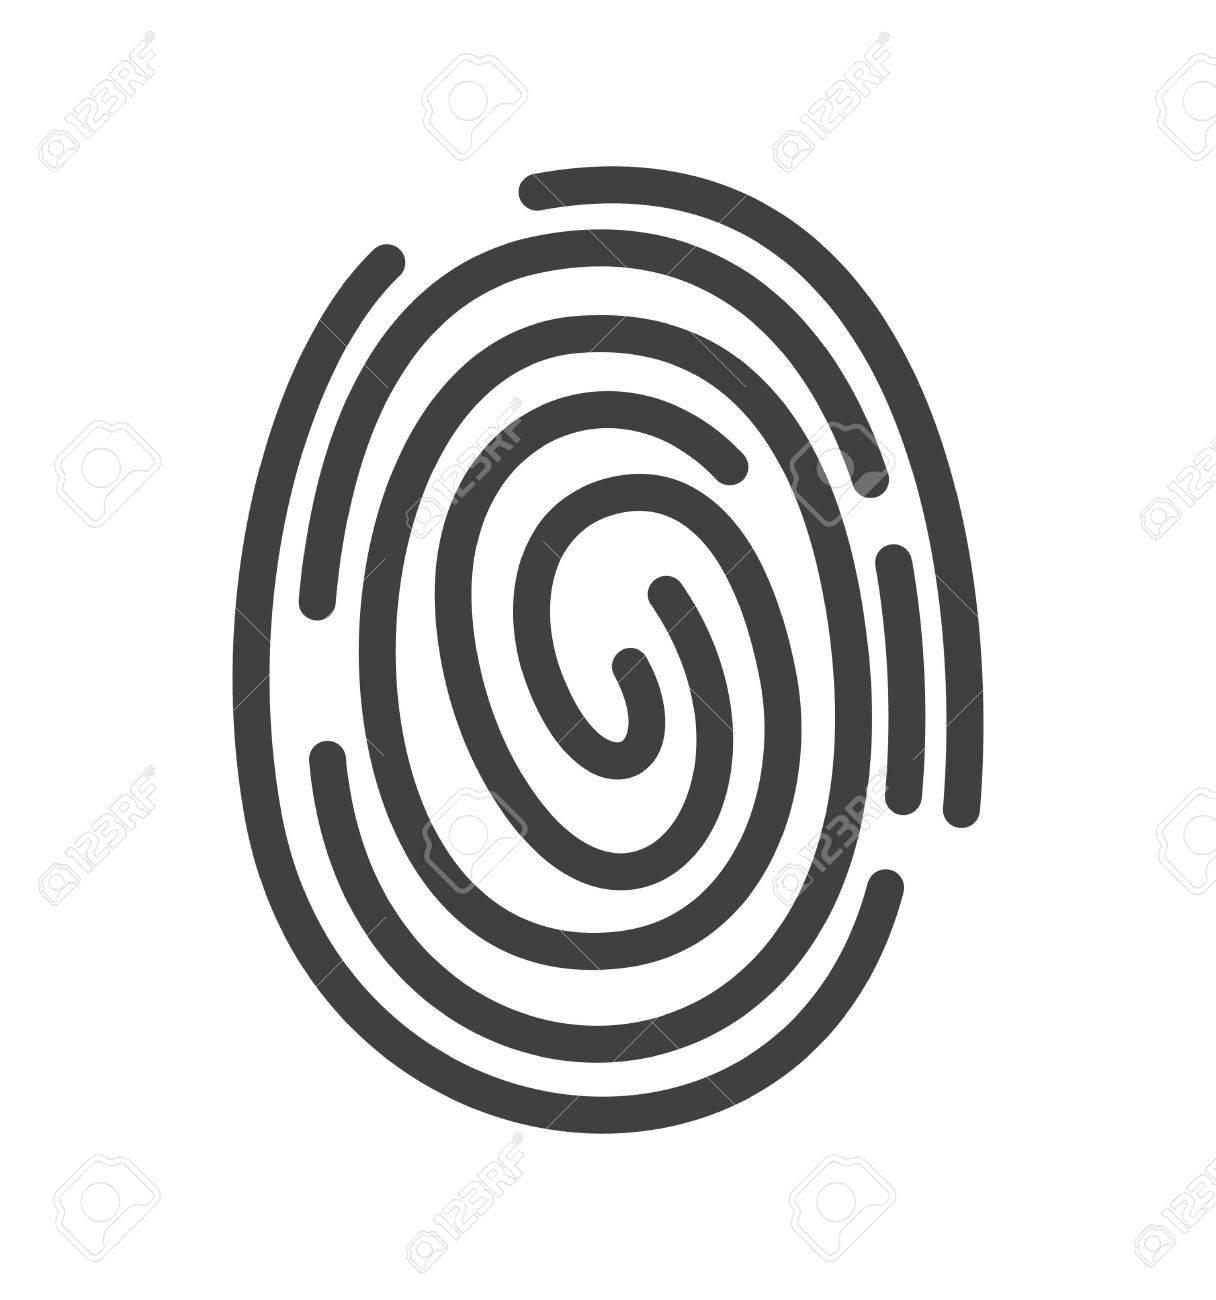 Fingerprint icon - 41390880